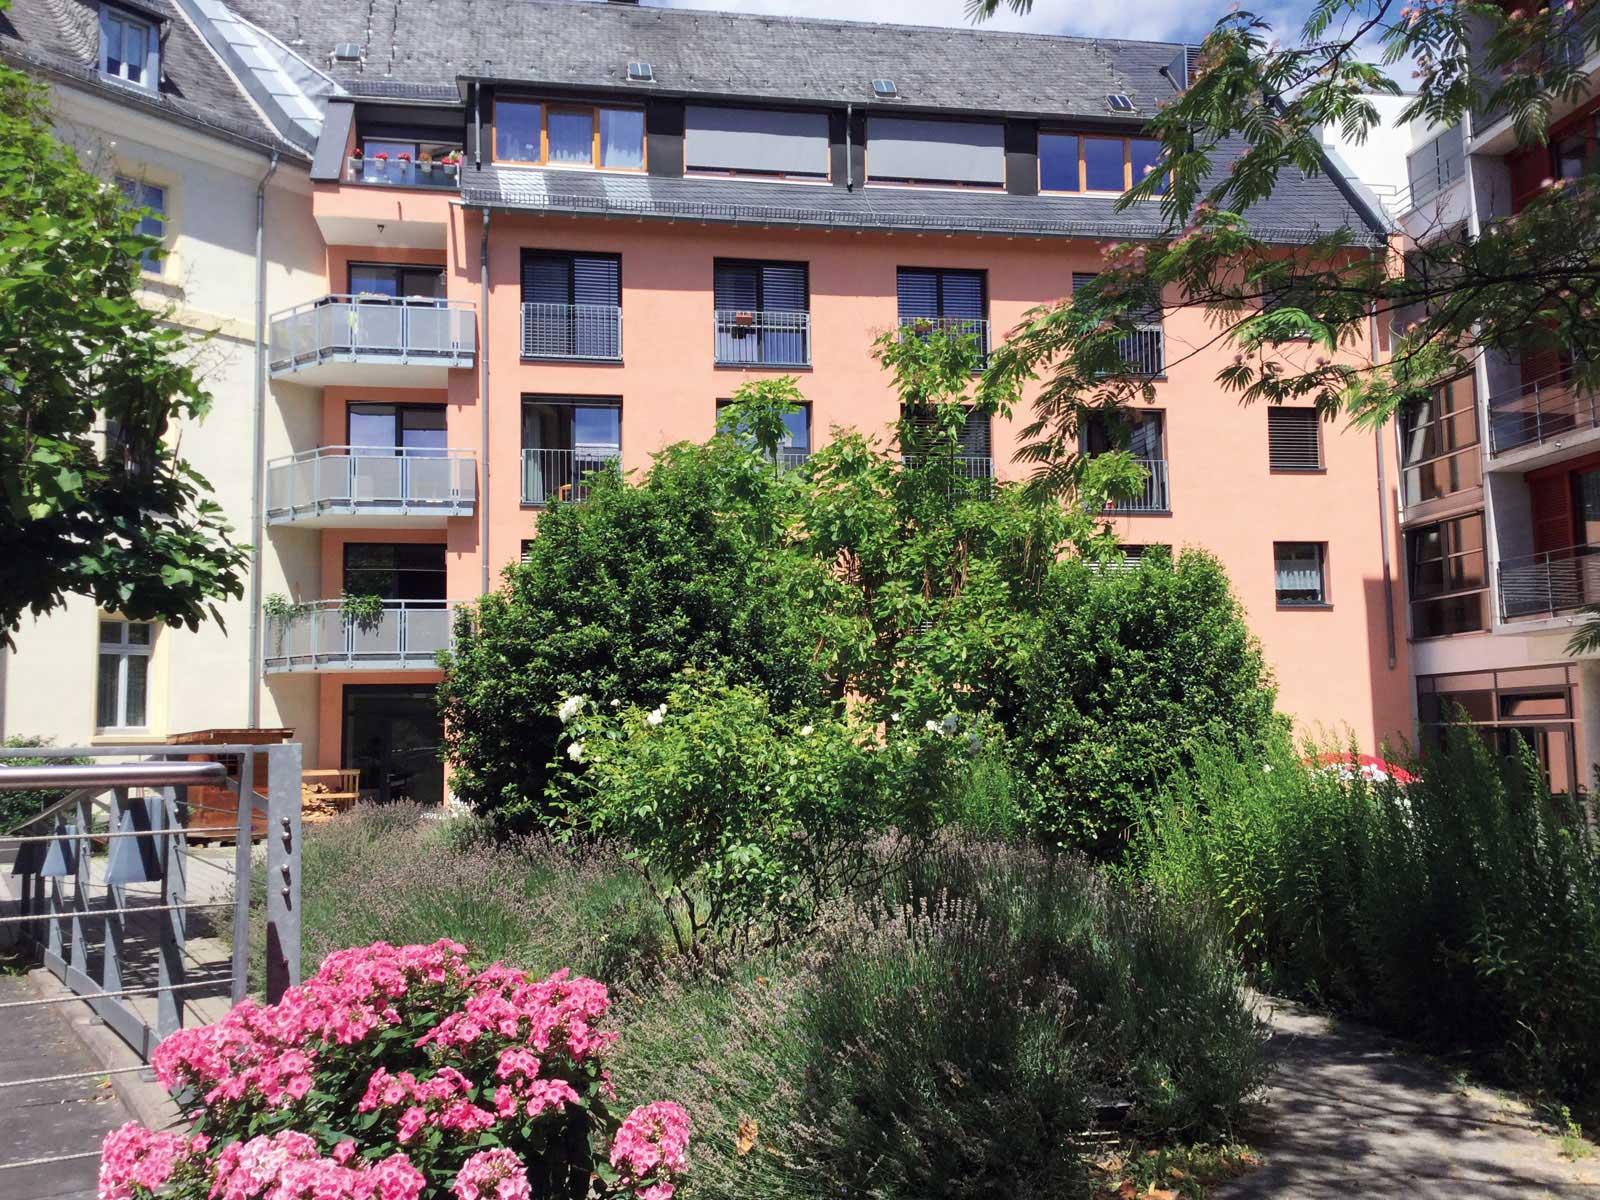 Seniorenzentrum-Bruder-Konrad-Stift-Betreutes-Wohnen-6